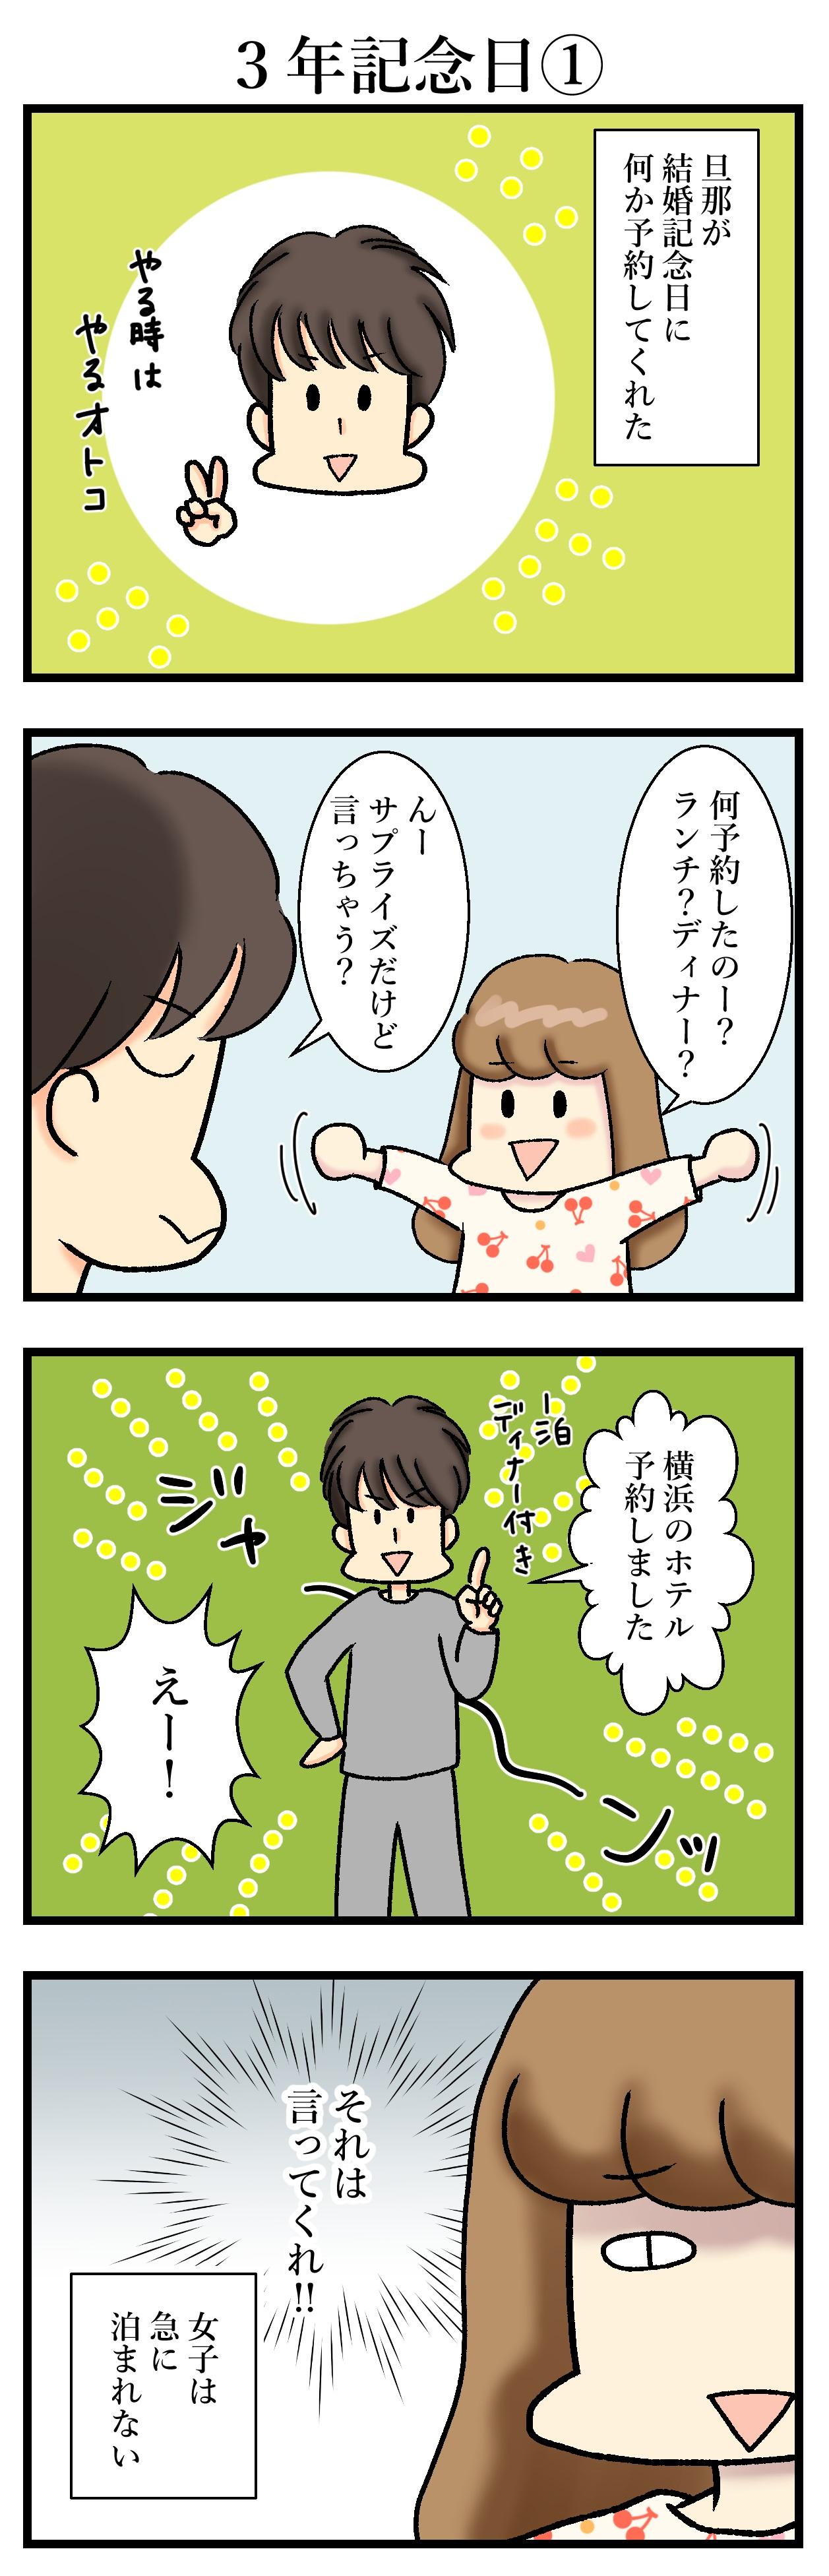 【エッセイ漫画】アラサー主婦くま子のふがいない日常(51)